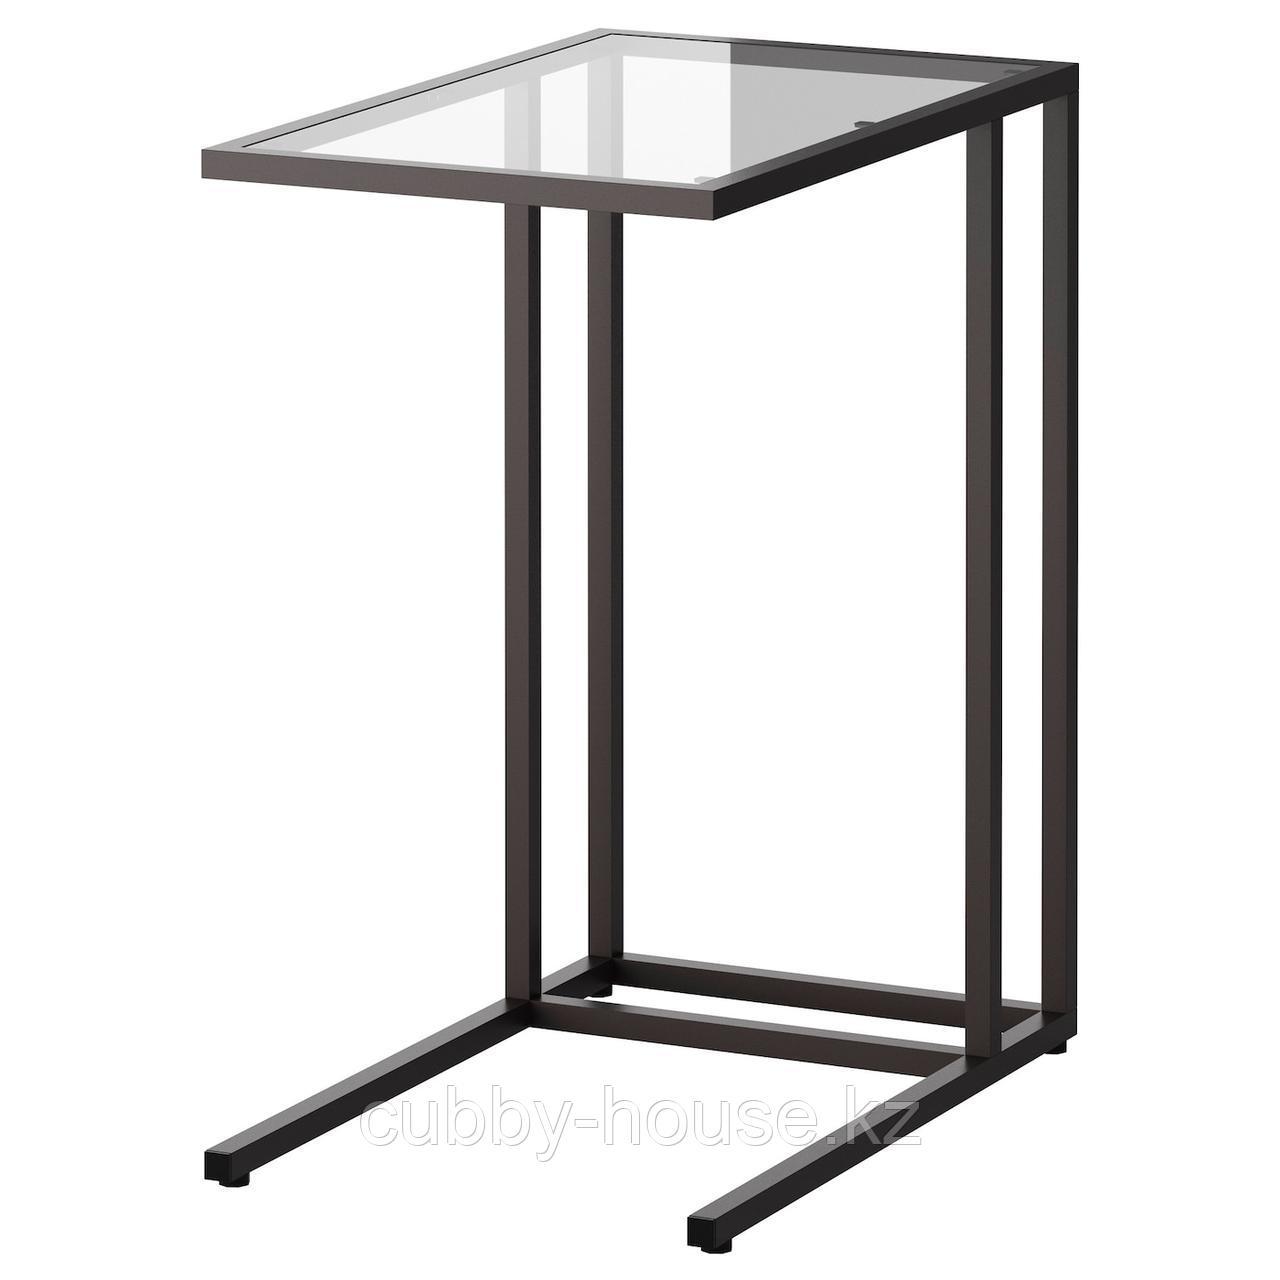 VITTSJÖ ВИТШЁ Подставка д/ноутбука, черно-коричневый/стекло35x65 см